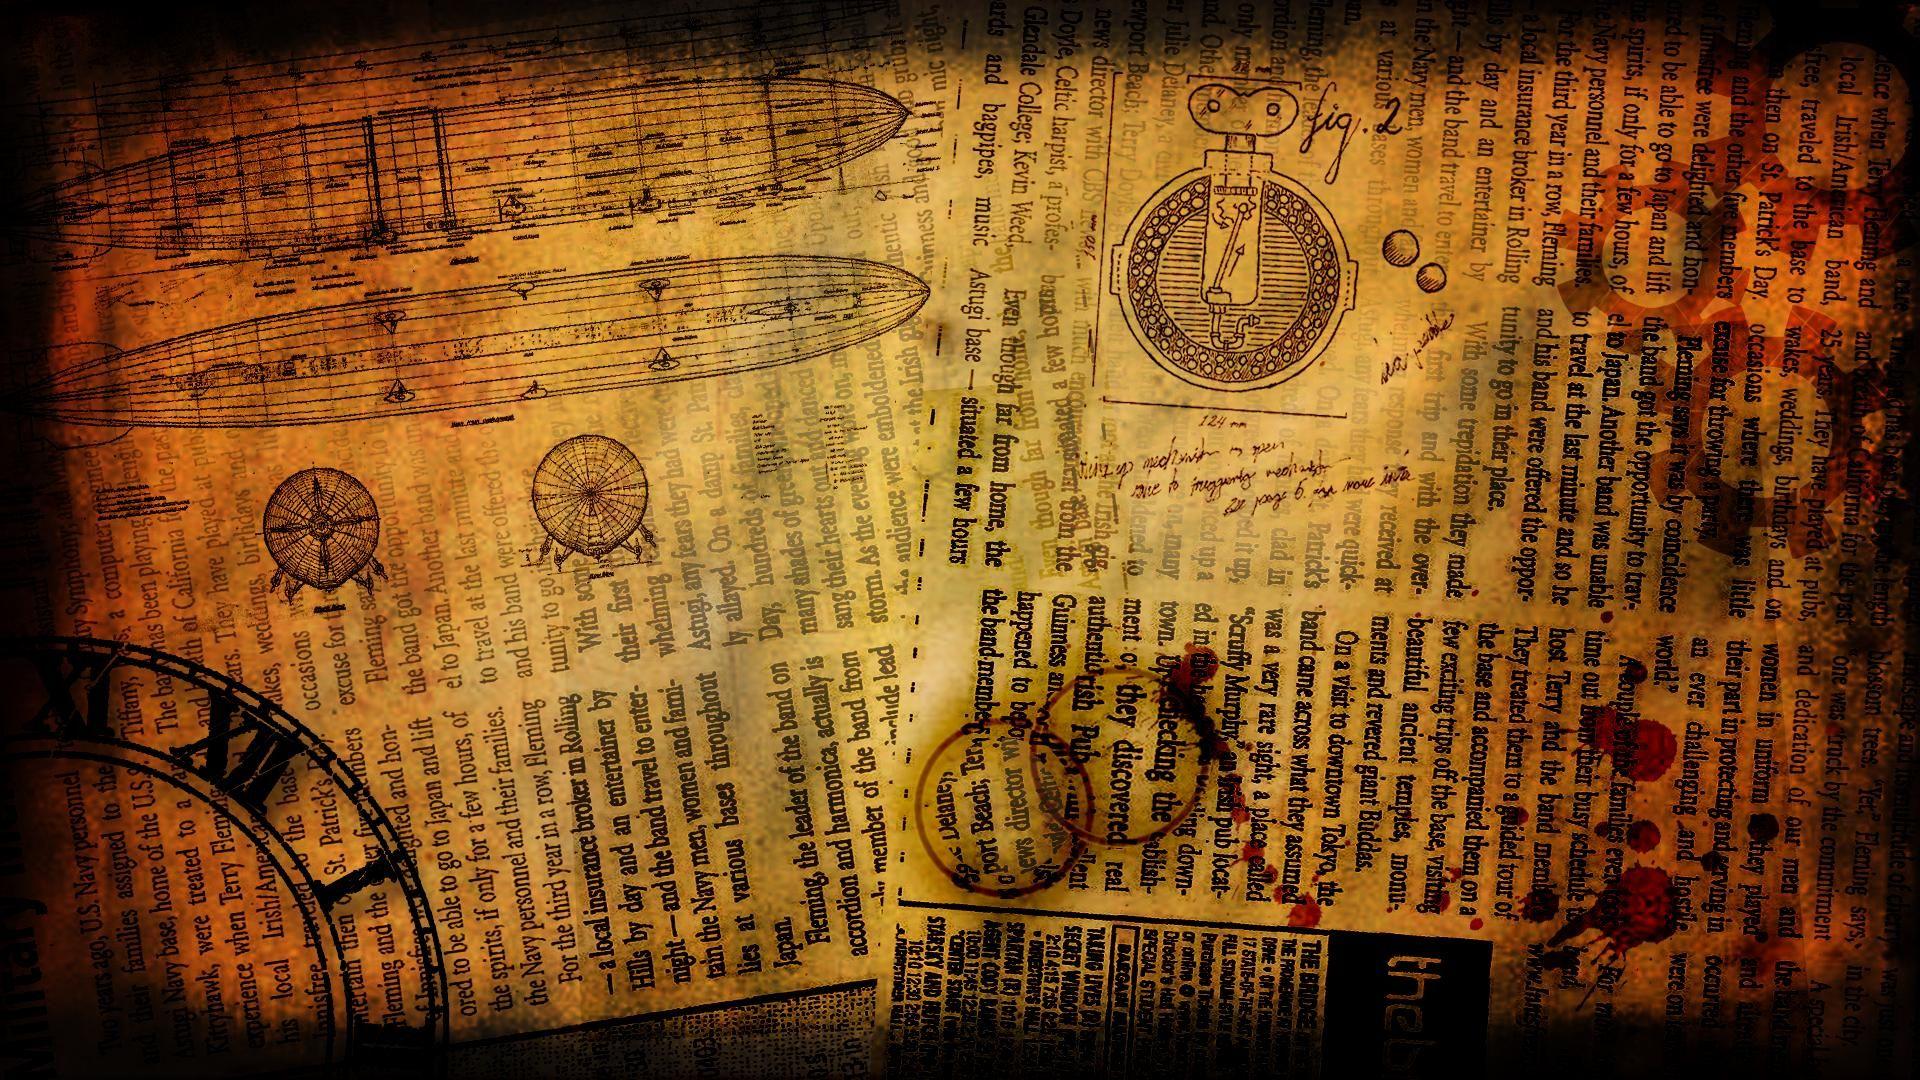 DeviantArt More Like Steampunk Wallpaper 1920x1080 By Bluepaw90